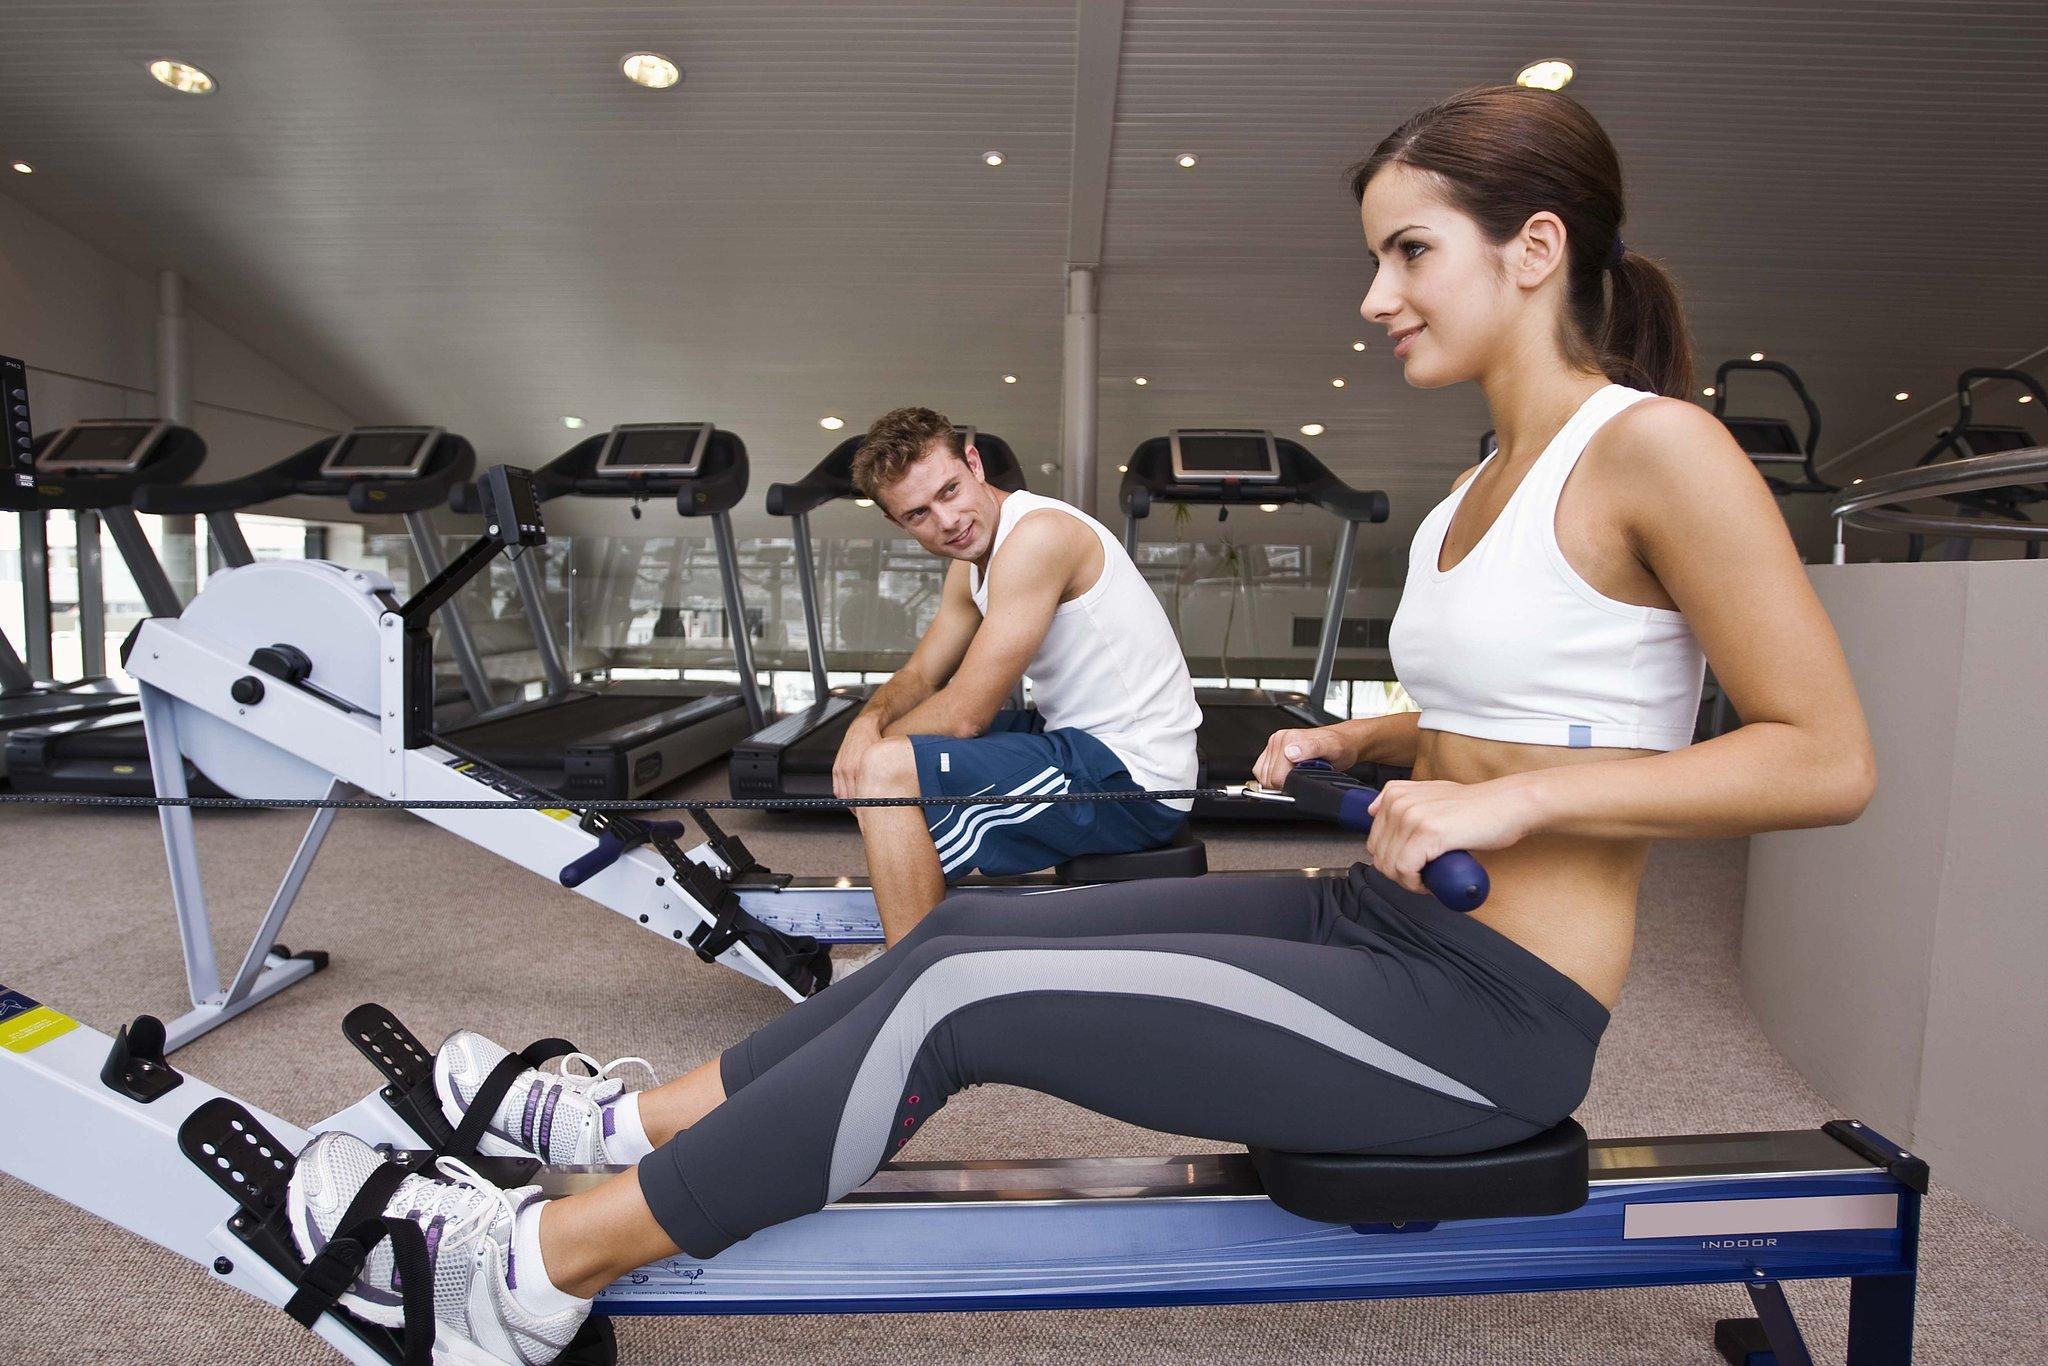 Занятия на эллиптическом тренажере для похудения - форум